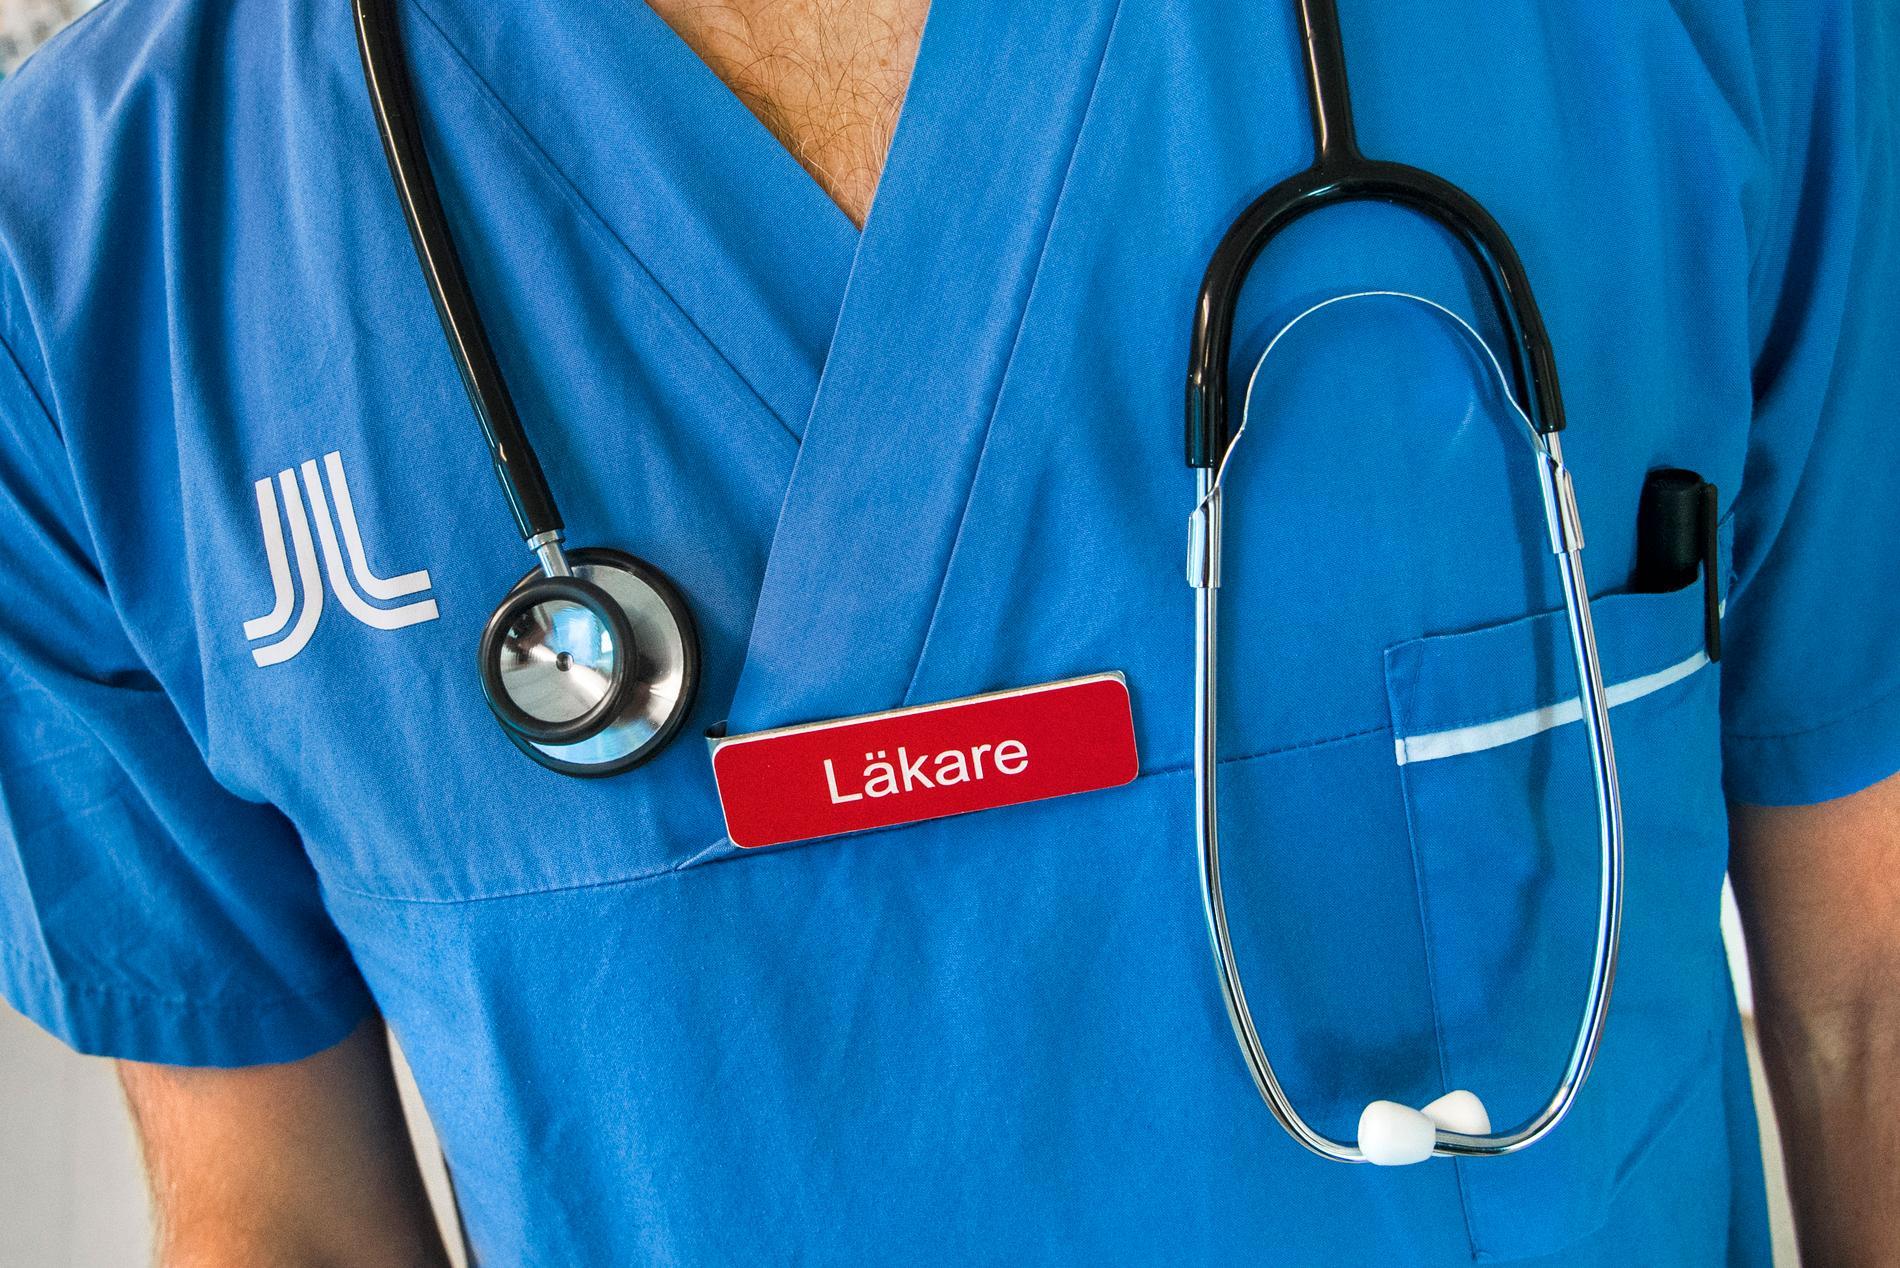 Det saknas läkare med specialistkompetens i stora delar av landet, konstaterar Socialstyrelsen.